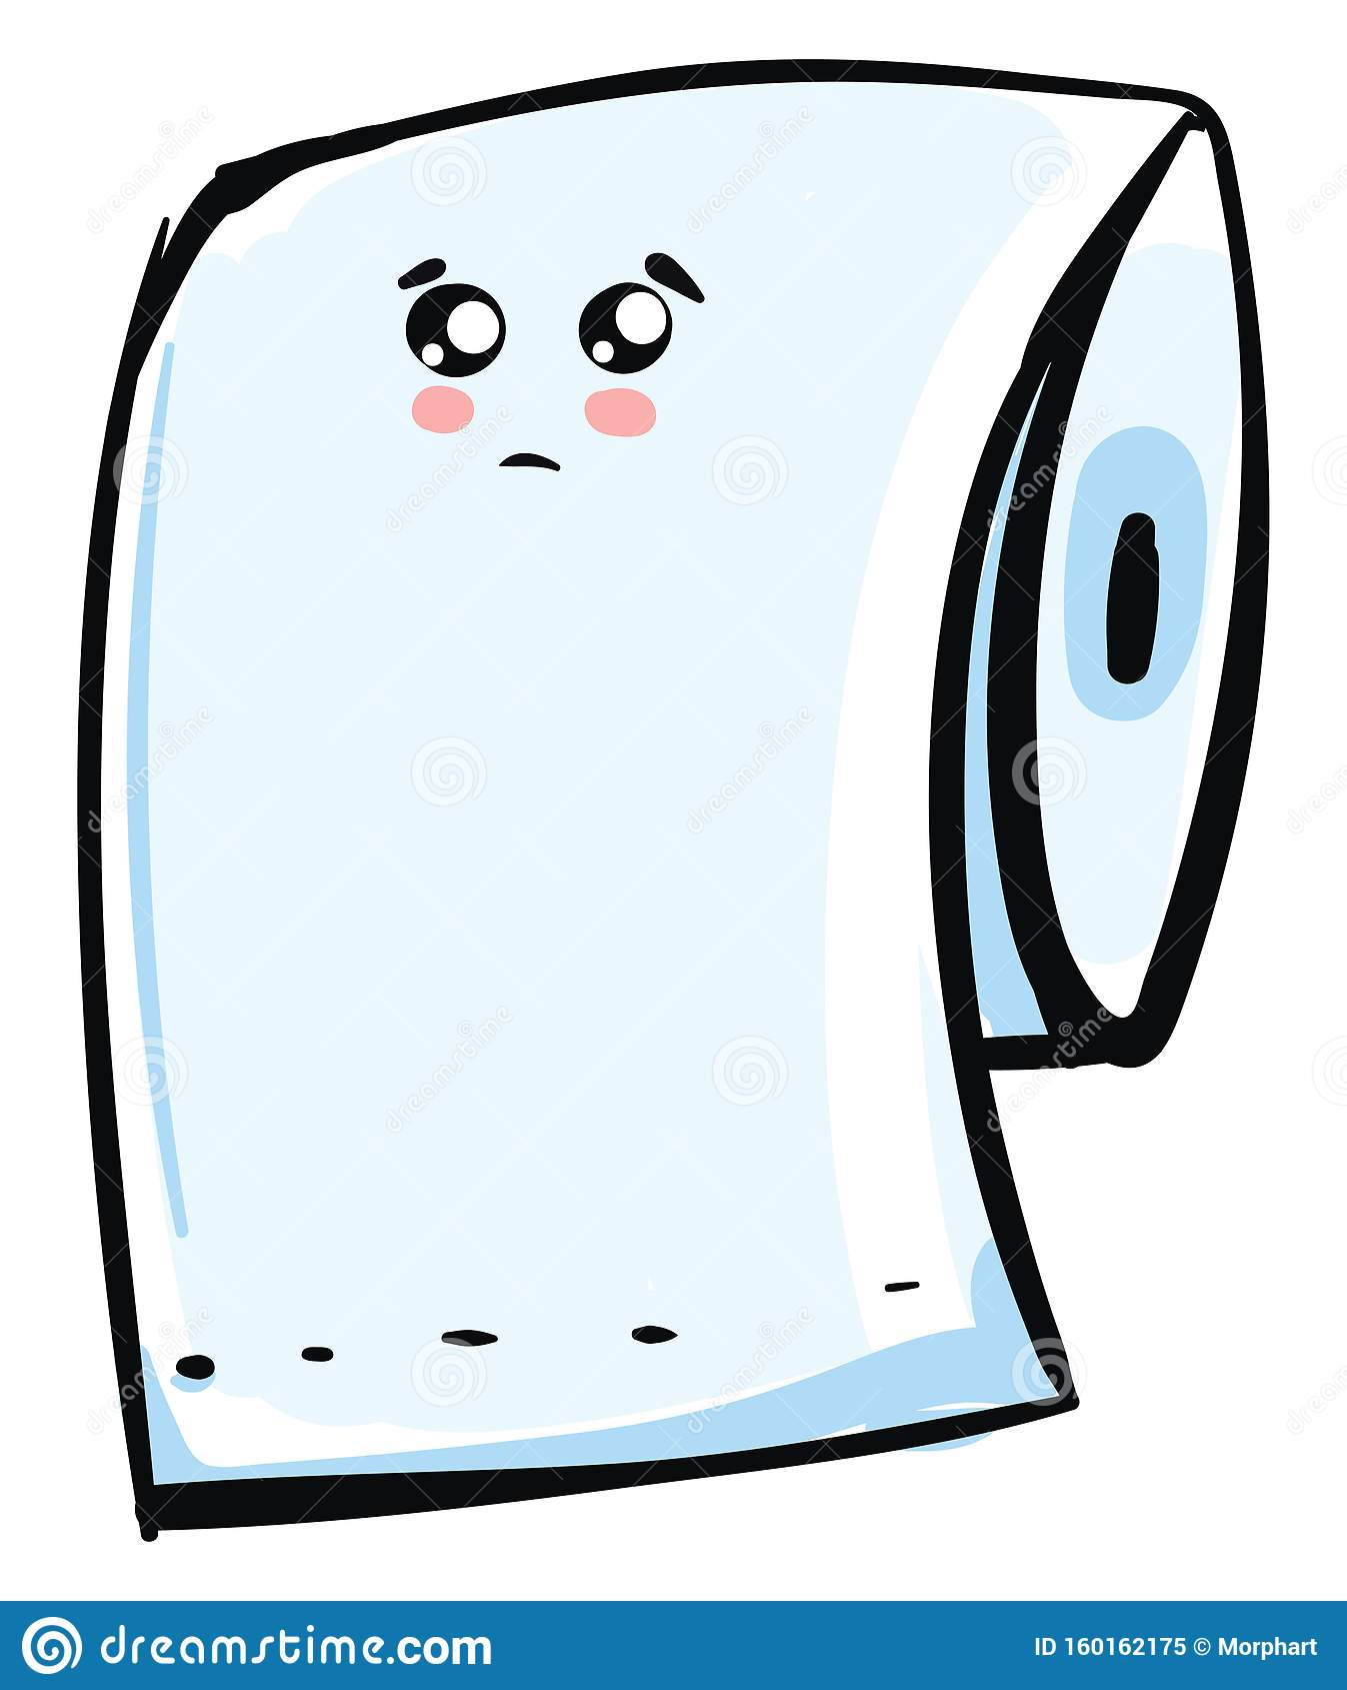 Un Toilette Ou Une Toilette Émoji d'un triste paquet de papier de toilette bleu, d'un